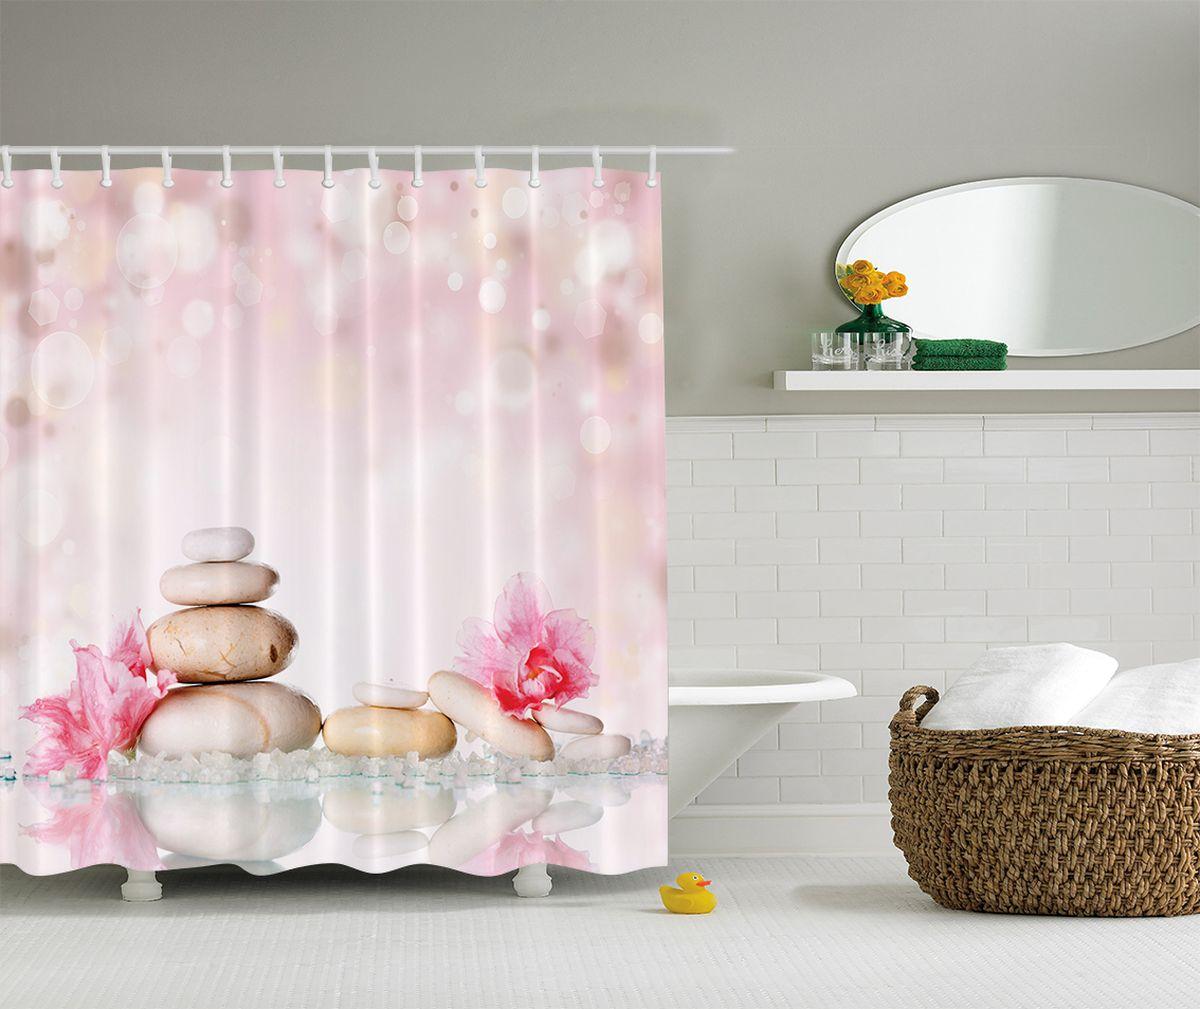 Штора для ванной комнаты Magic Lady Композиция, 180 х 200 см68/5/4Штора для ванной комнаты Magic Lady Композиция выполнена из высококачественного сатена (полиэстер 100%). При изготовлении используются специальные гипоаллергенные чернила. Оригинальный дизайн и цветовая гамма привлекут к себе внимание. Изделие хорошо пропускает свет и быстро высыхает. Такая штора прекрасно впишется в любой интерьер ванной комнаты и идеально защитит от брызг.